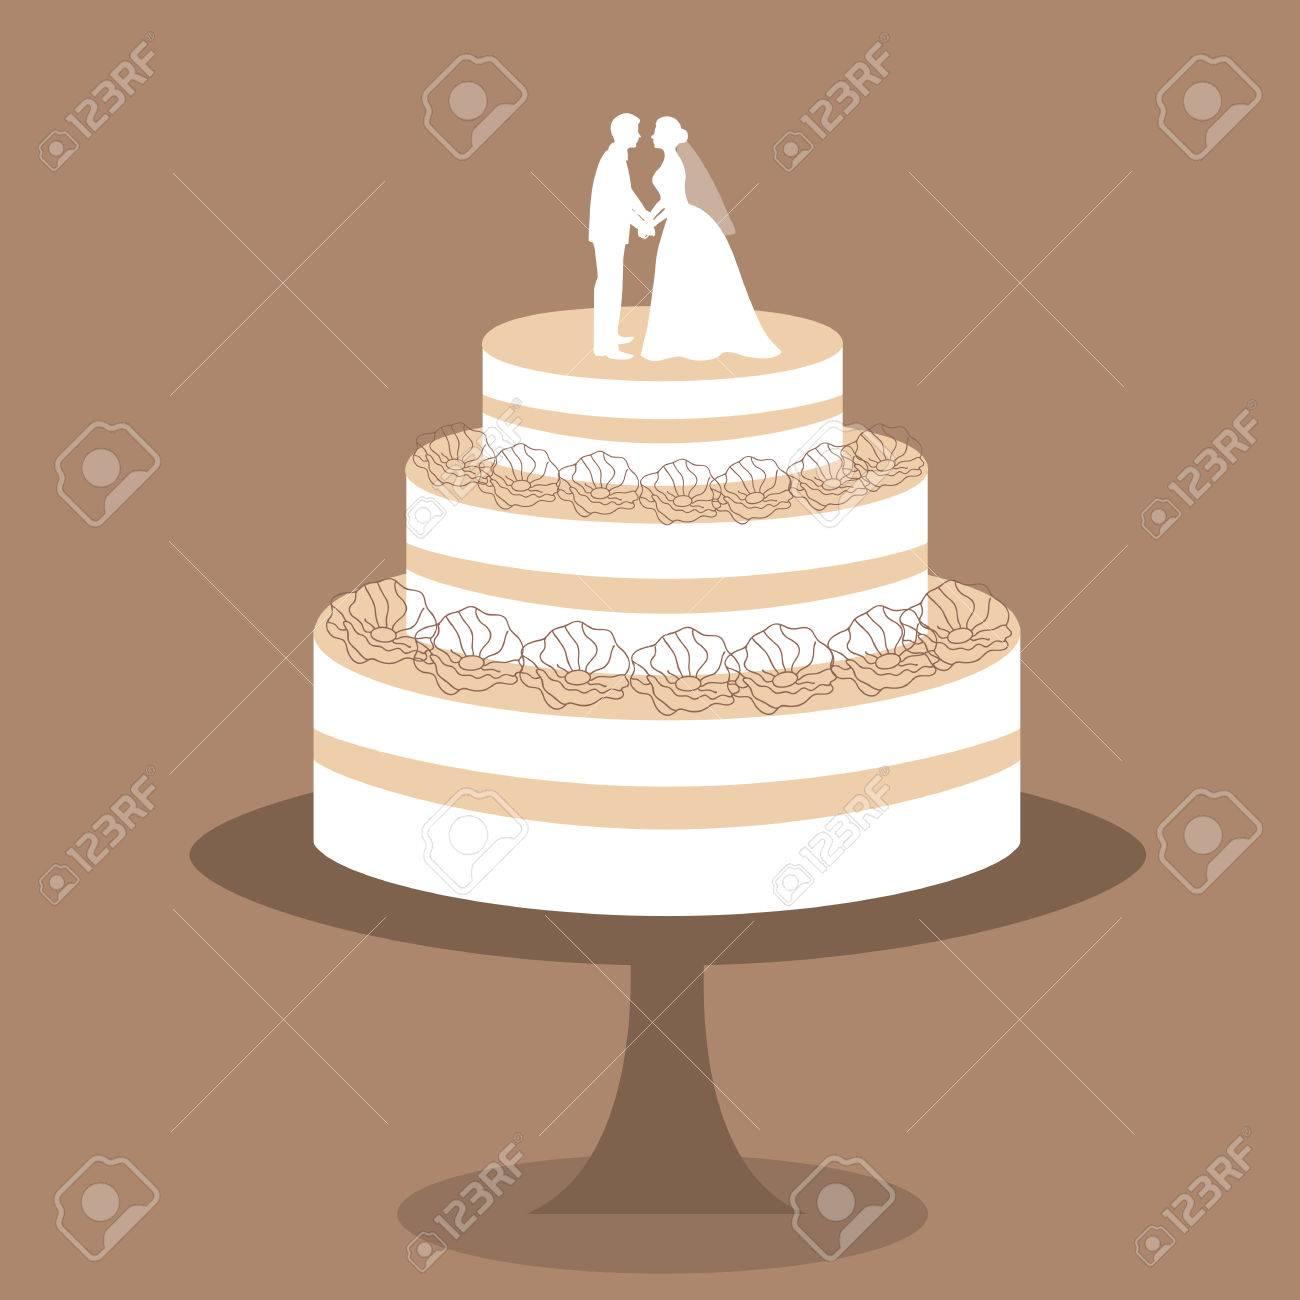 Hochzeitskuchen Mit Braut Und Brautigamfigurchen Kuchen Mit Sahne